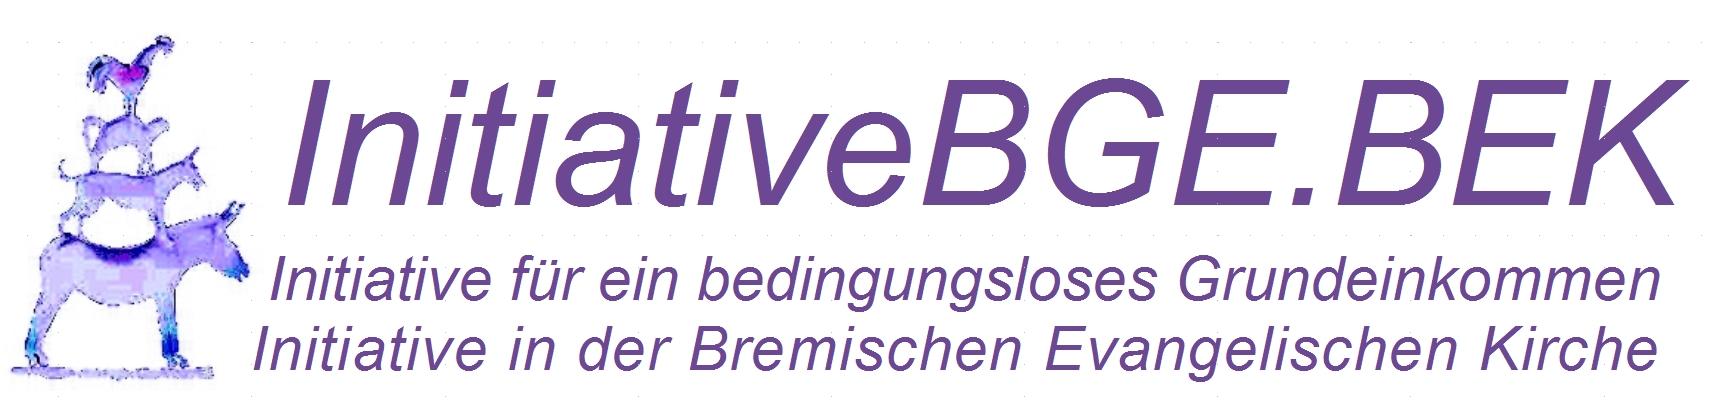 Grundeinkommensinitiative in der Bremischen Evangelischen Kirche: eine gute Bilanz nach vier Jahren